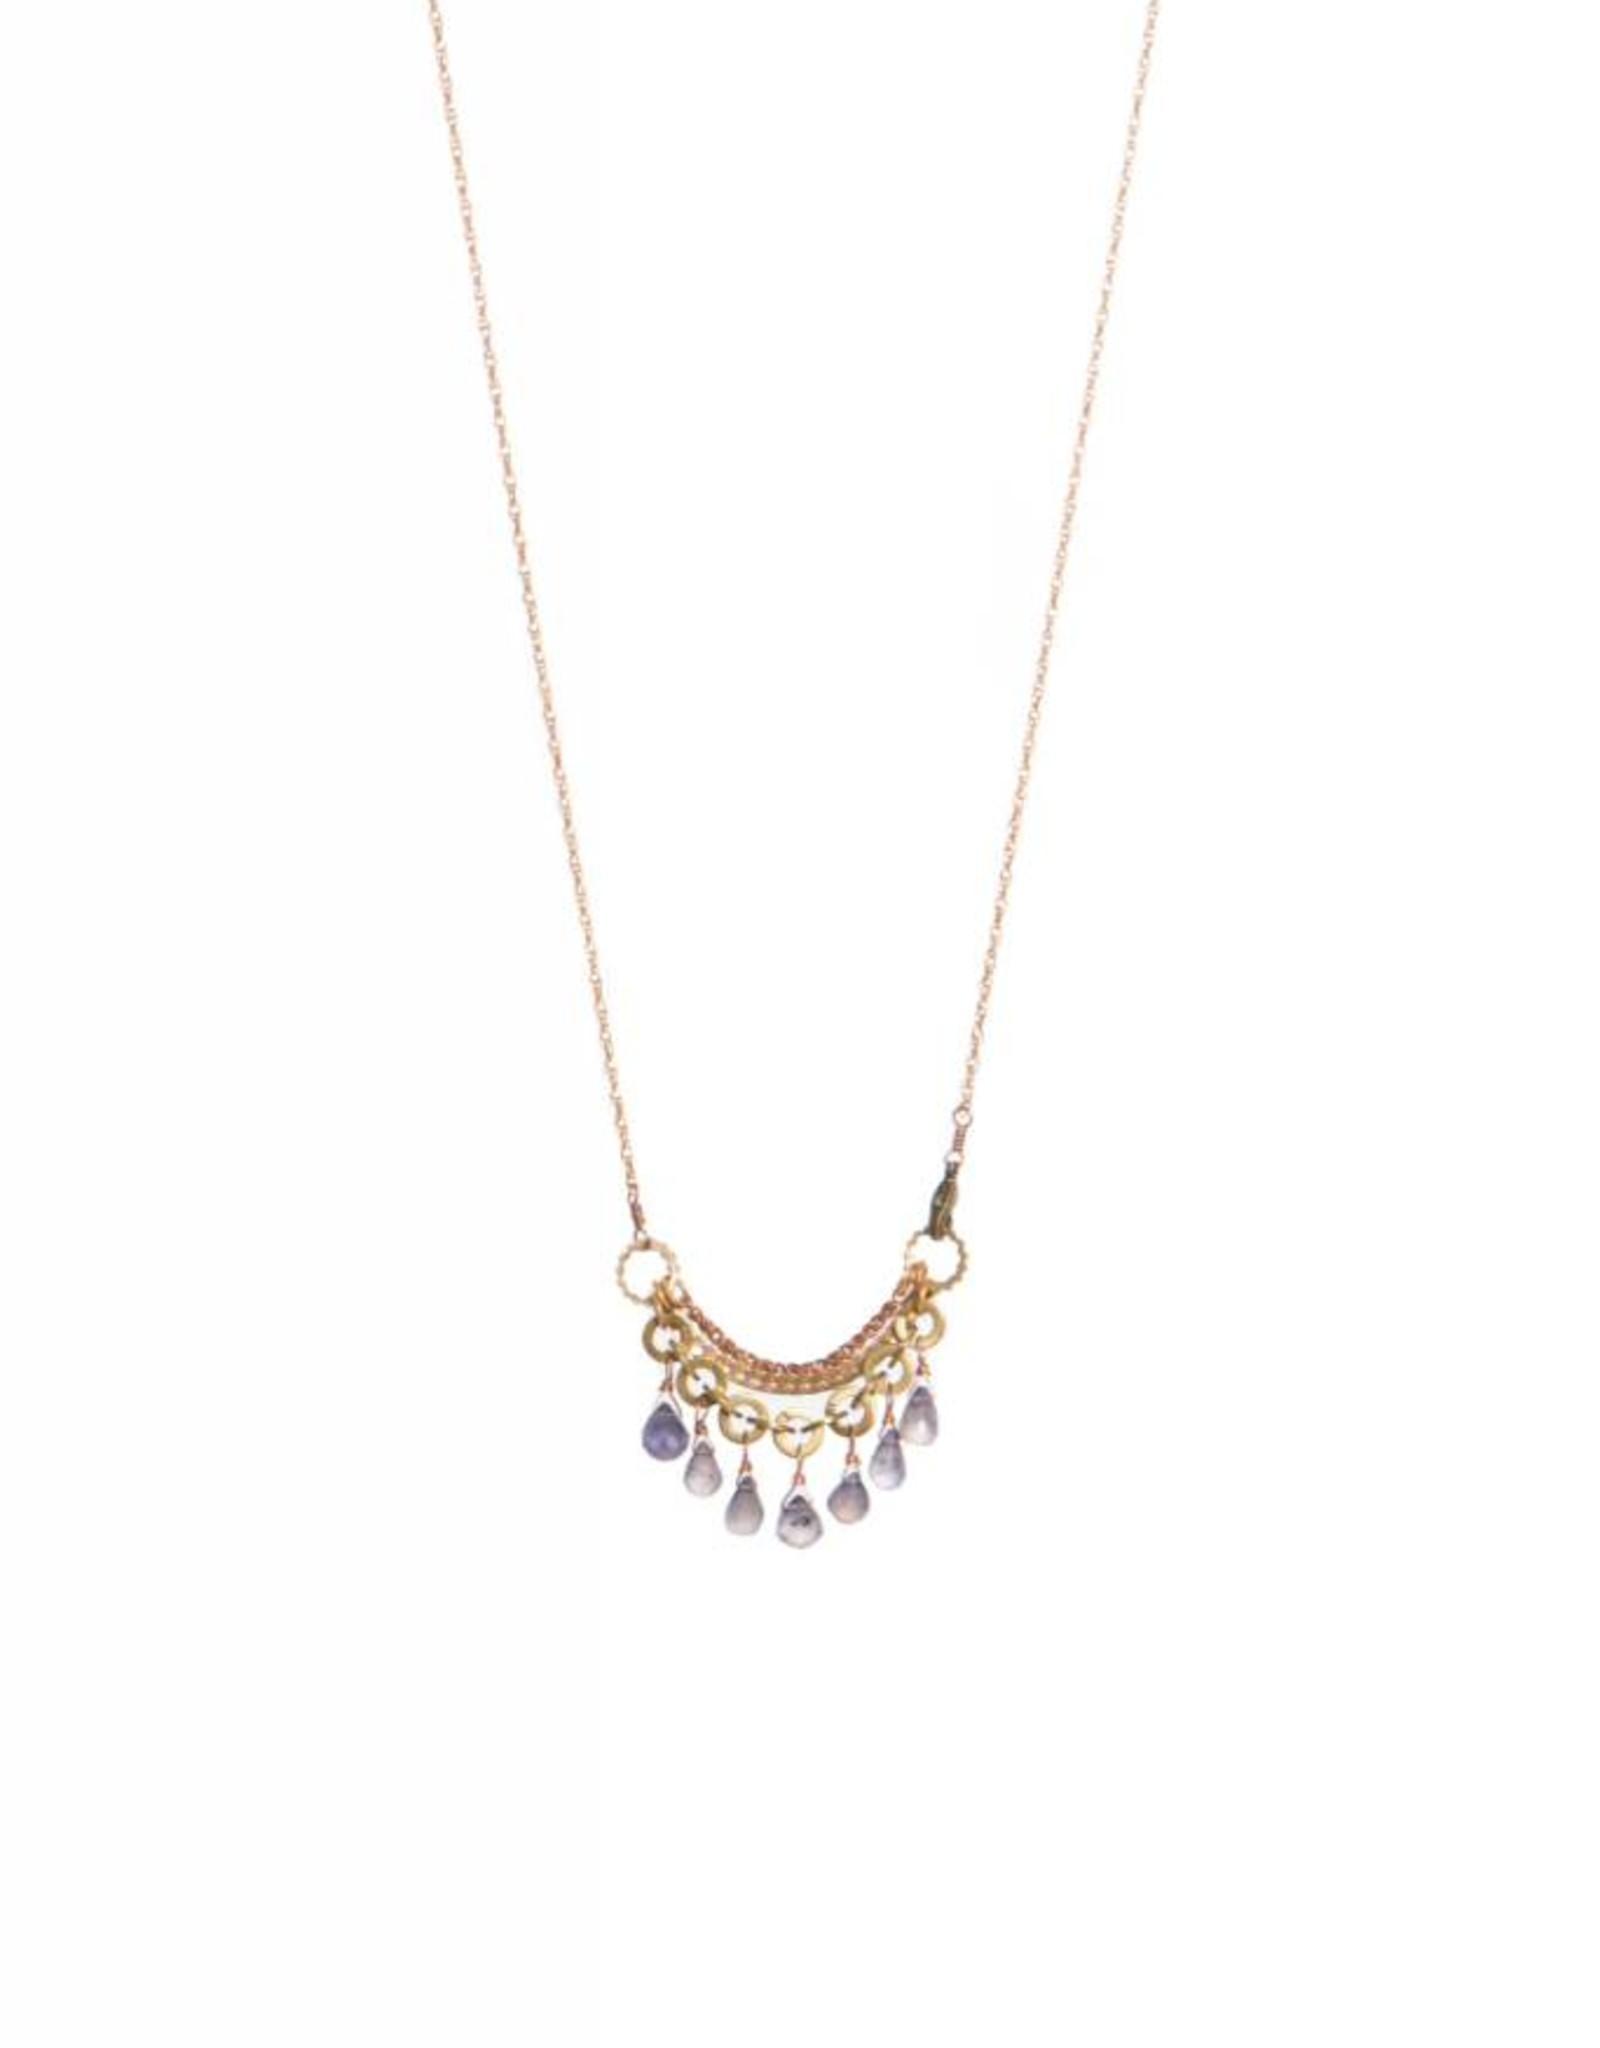 Hailey Gerrits Designs Eos Necklace - Iolite